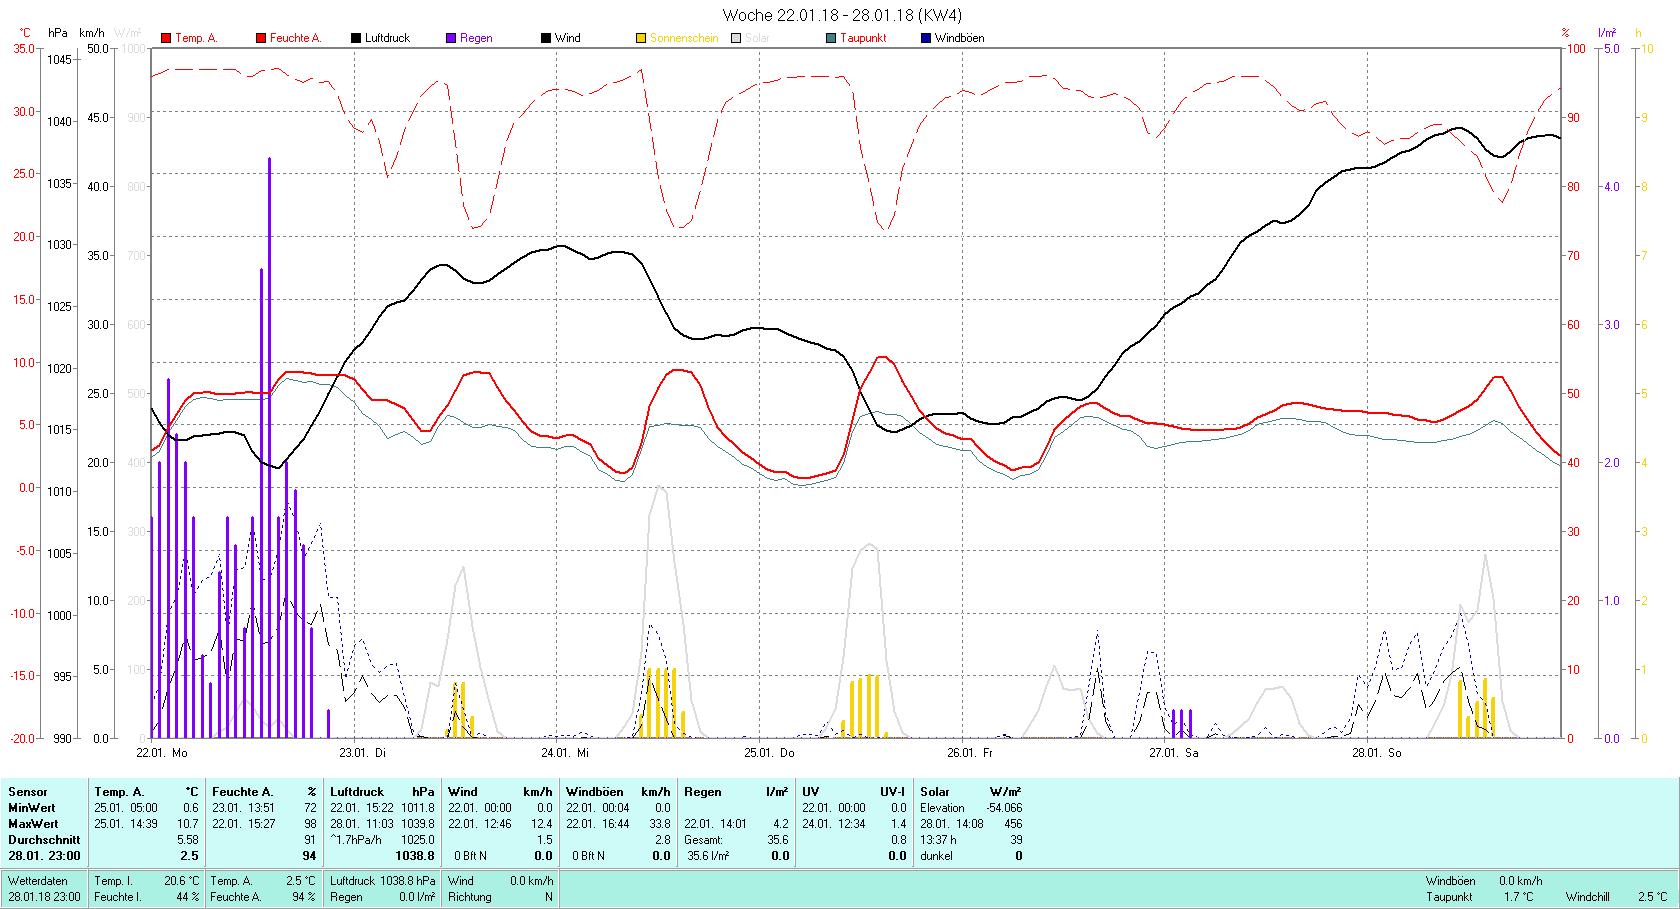 KW 04 Tmin 0.6°C, Tmax 10.7°C, Sonne 13:37 h Niederschlag 35.6 mm2